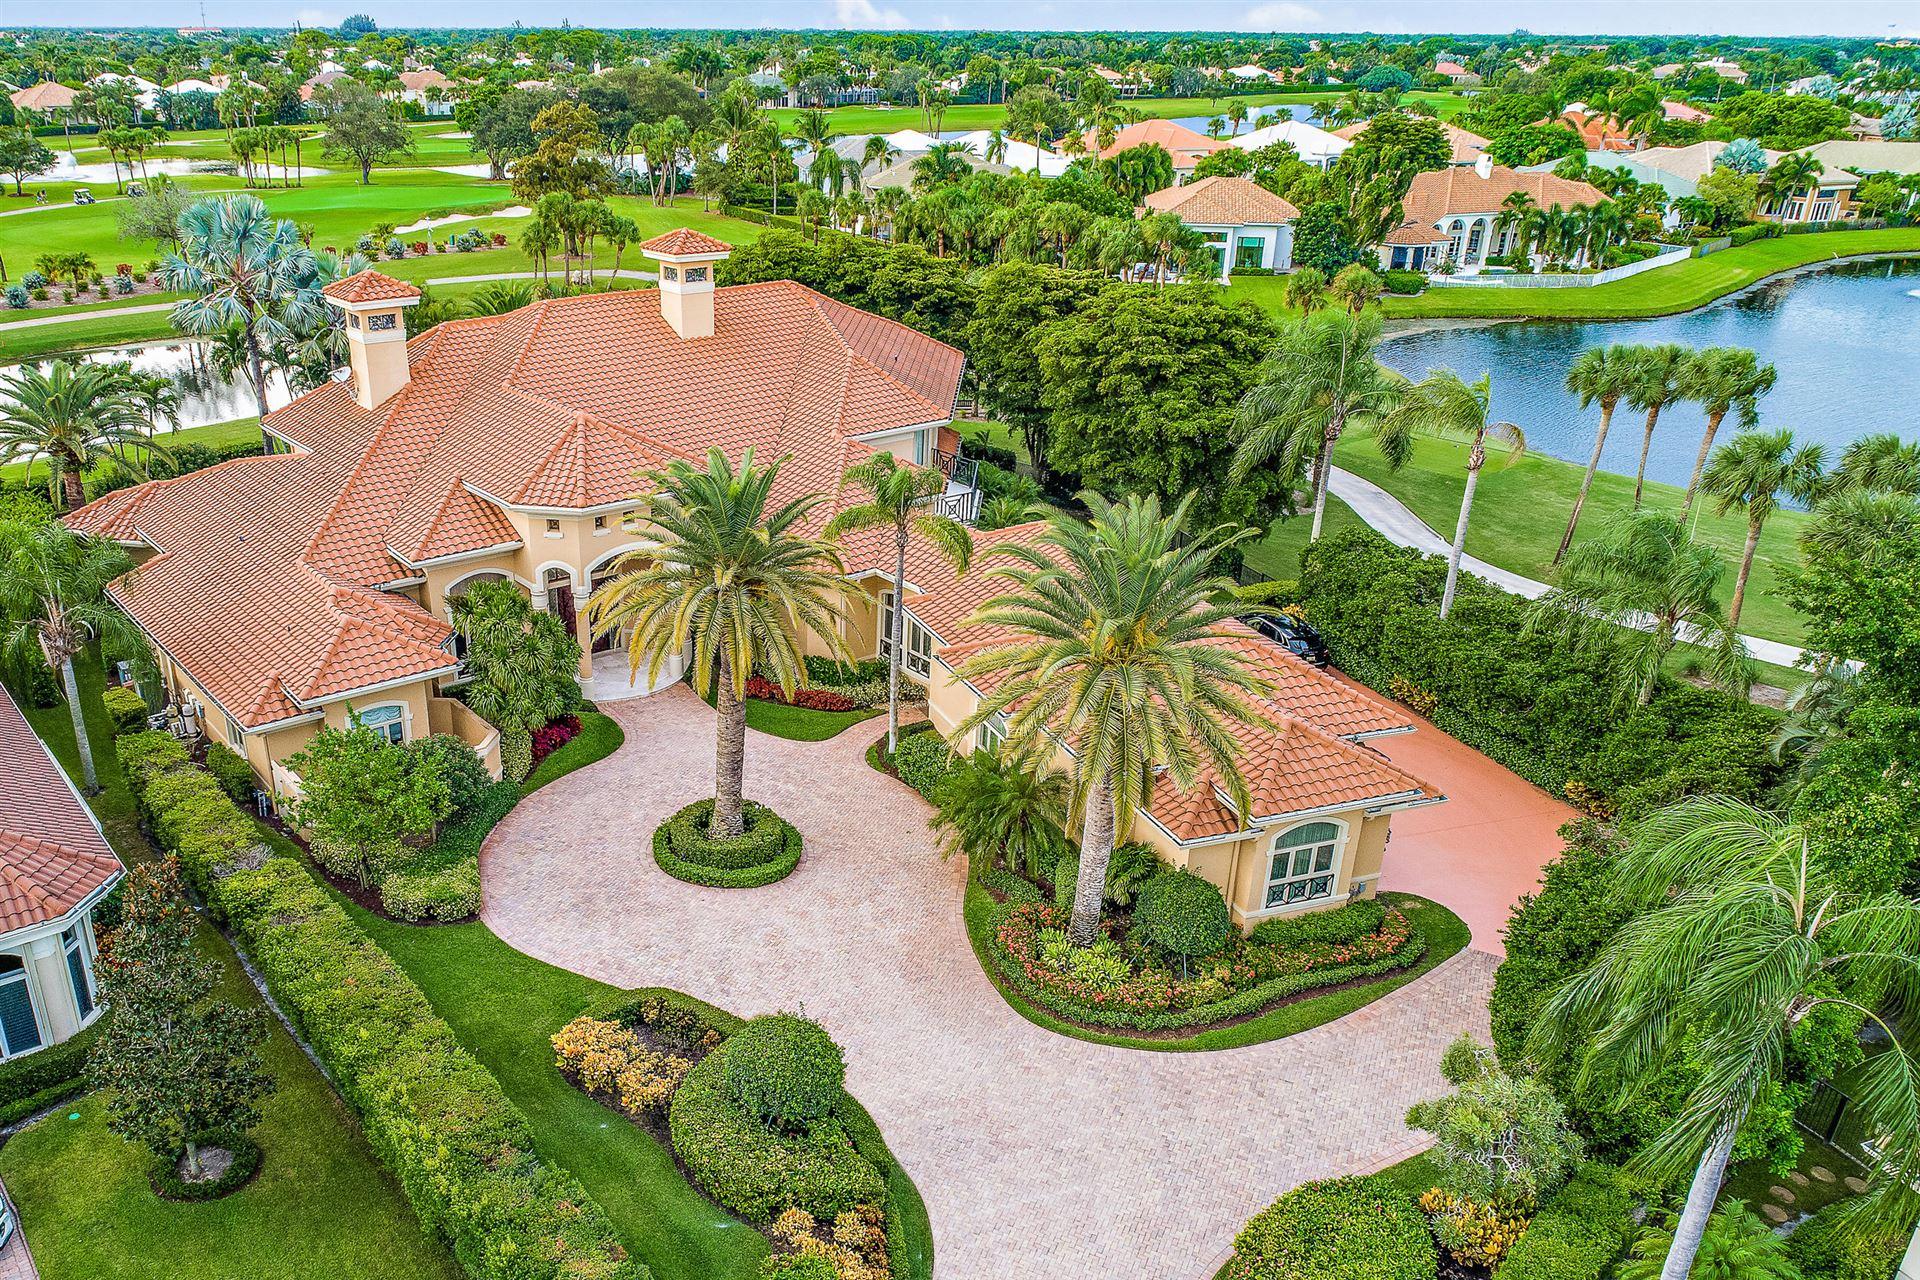 00 Saint Thomas Drive, Palm Beach Gardens, FL 33418 - #: RX-10657920